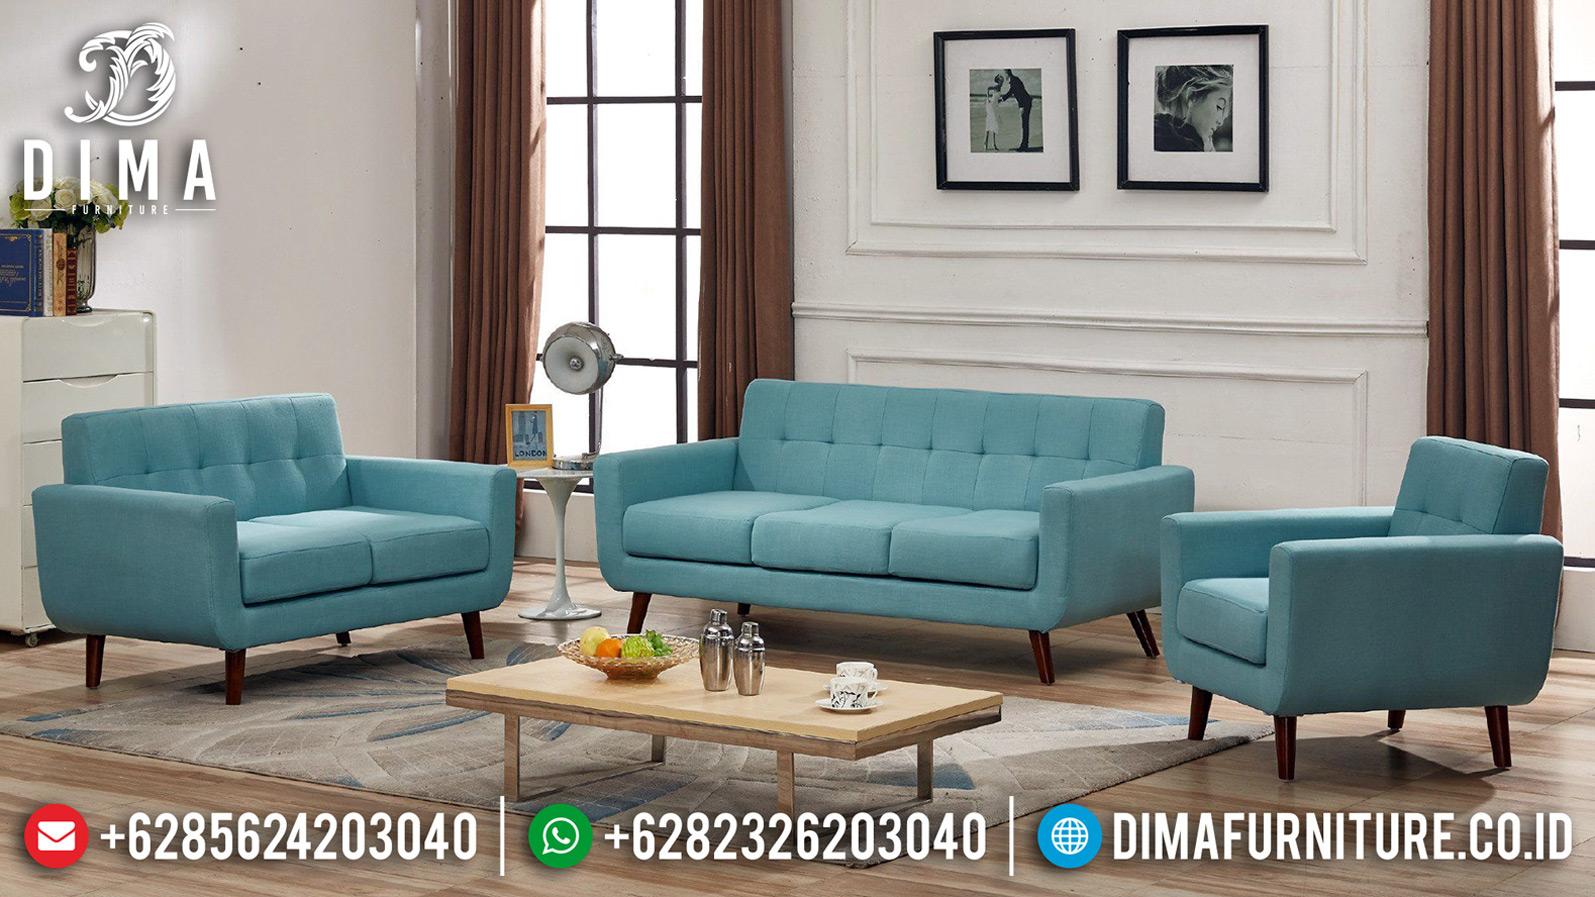 Sofa Tamu Minimalis Kayu Jati Perhutani Discount Sale MMJ-0627